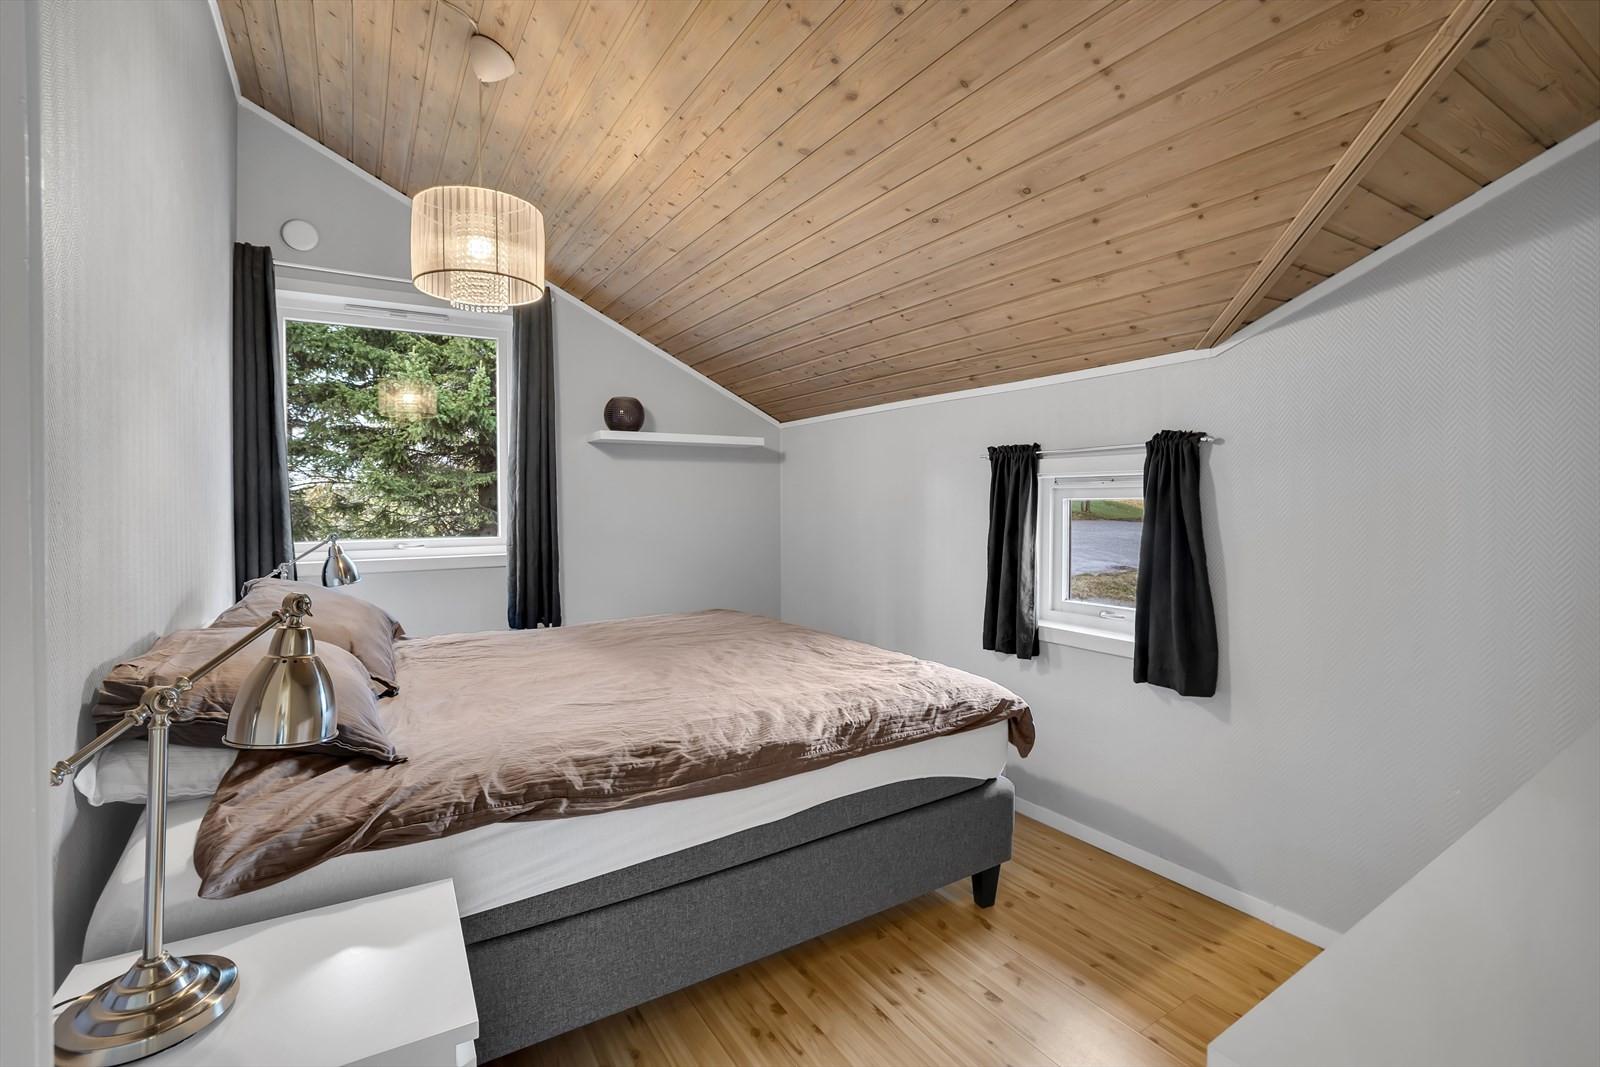 Leiligheten har 2 soverom i bakkant av bygget